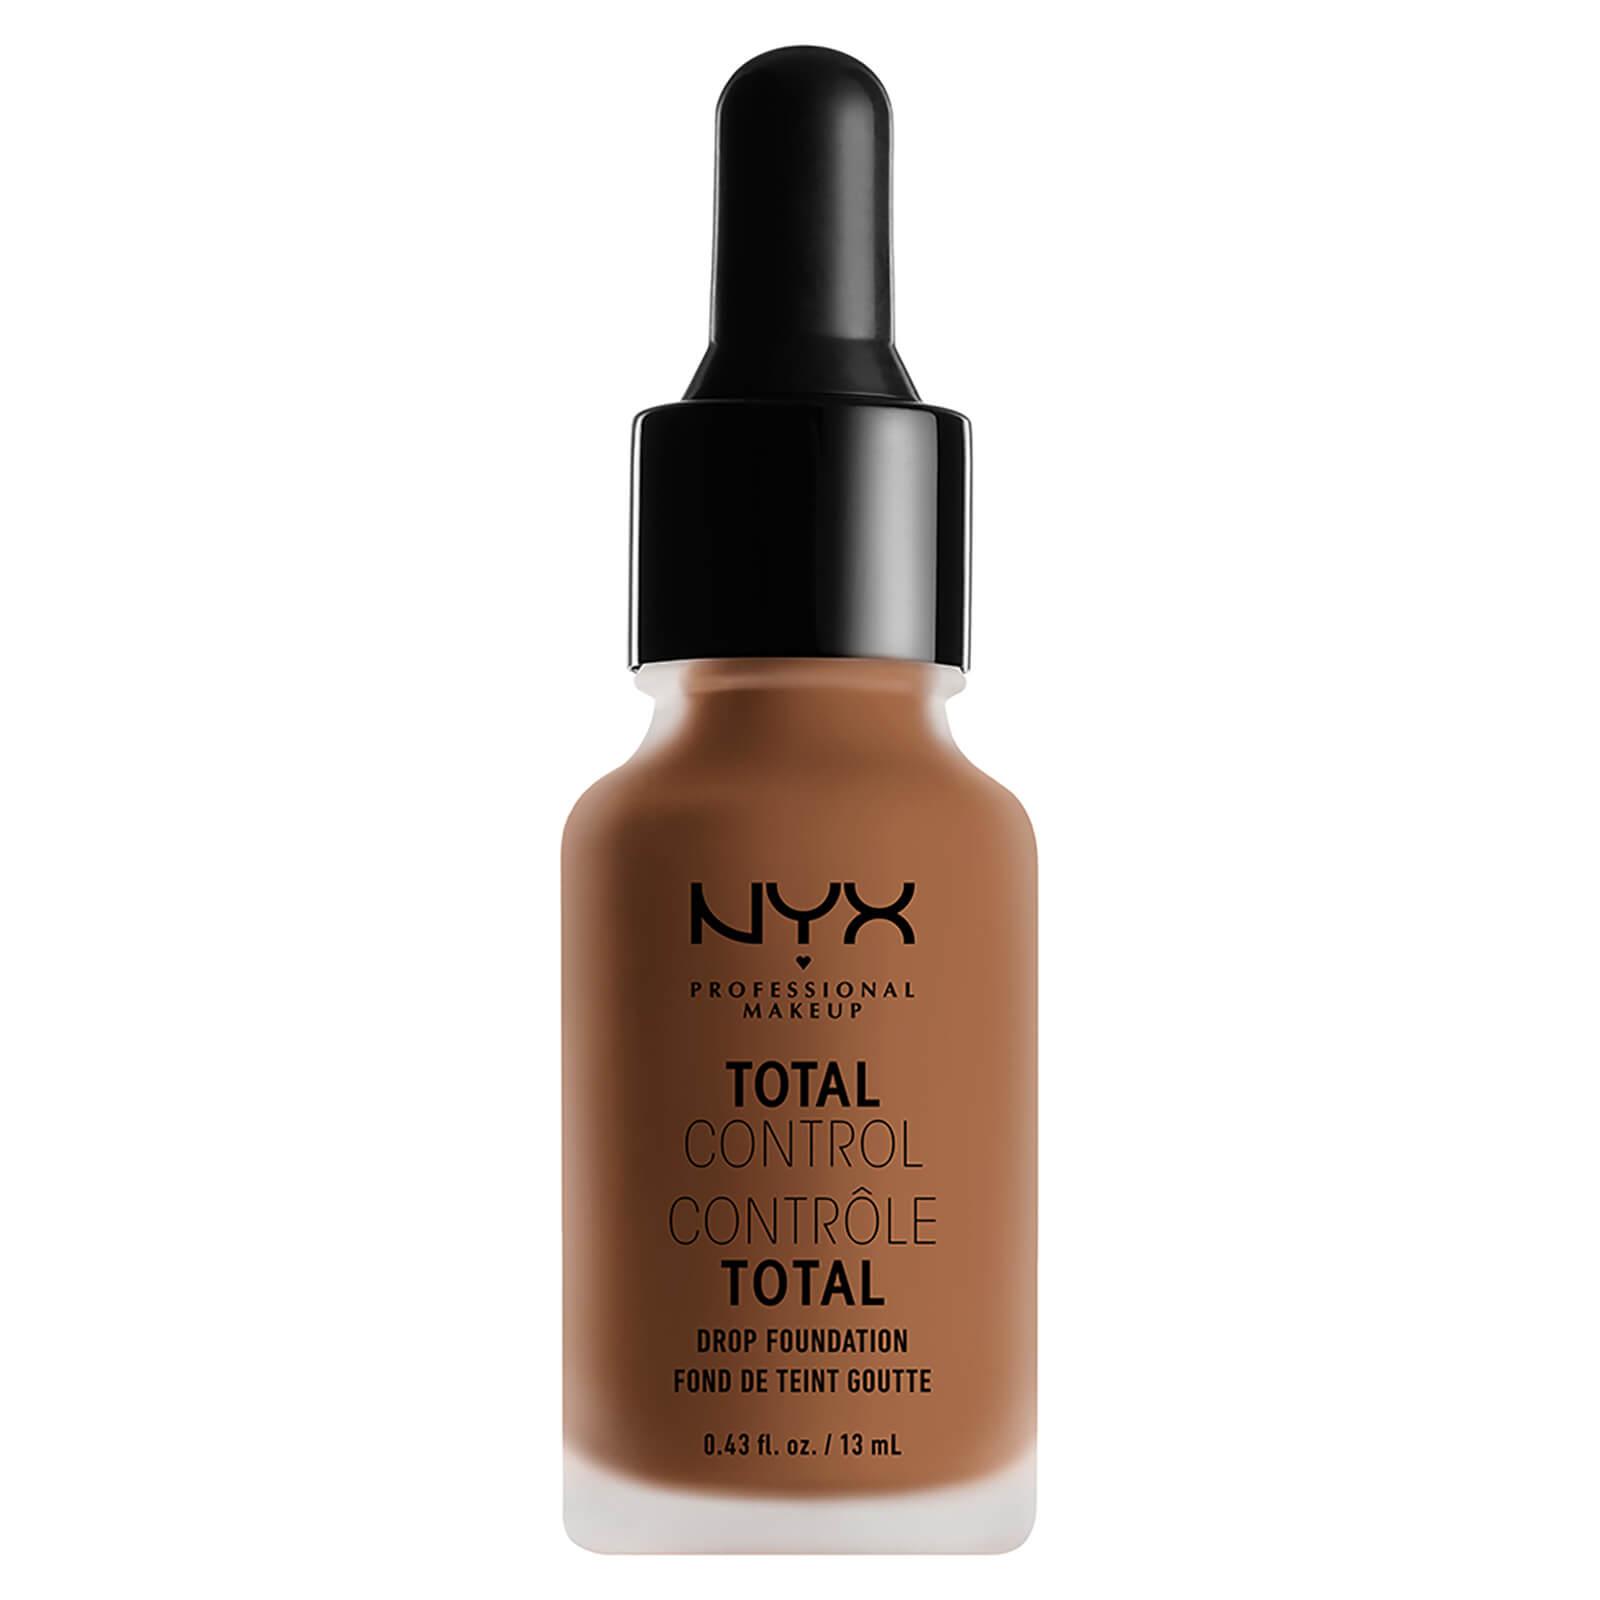 Купить Стойкая тональная основа NYX Professional Makeup Total Control Drop Foundation (различные оттенки) - Mahogany